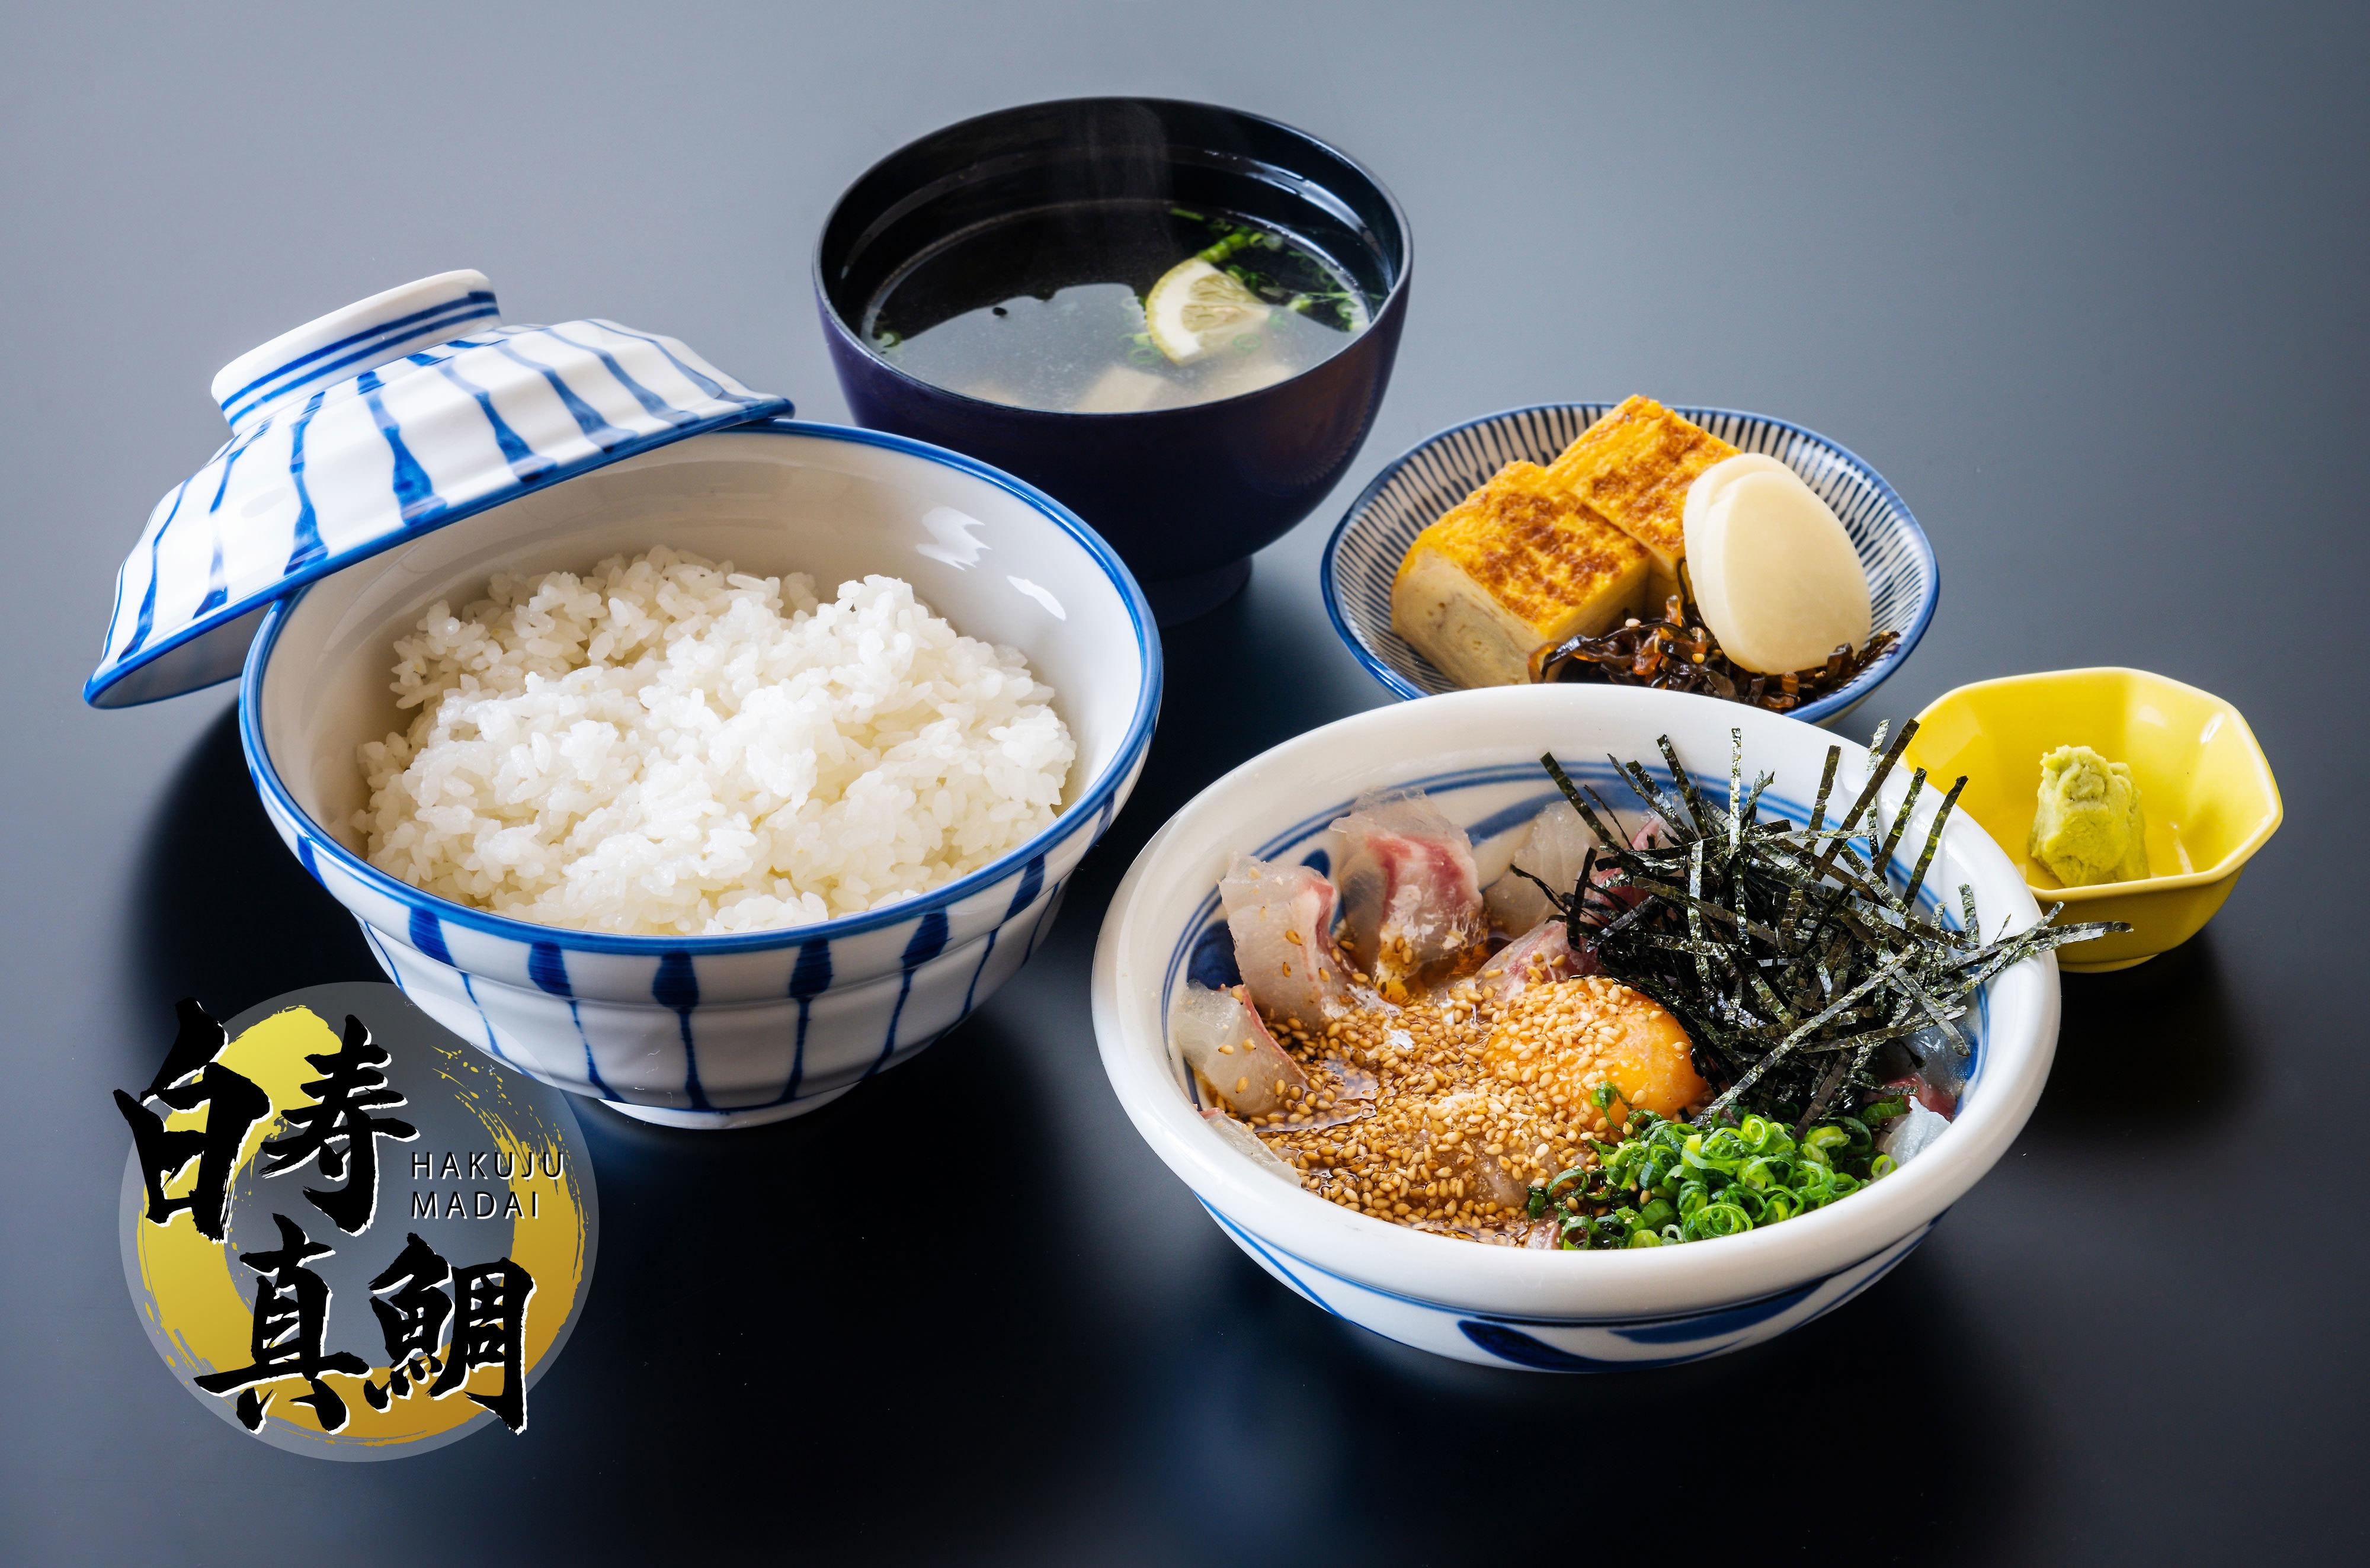 """赤坂水産、高級寿司店が捌いたブランド魚『白寿真鯛』を """"返礼品""""として「ふるさとチョイス」で提供開始!"""